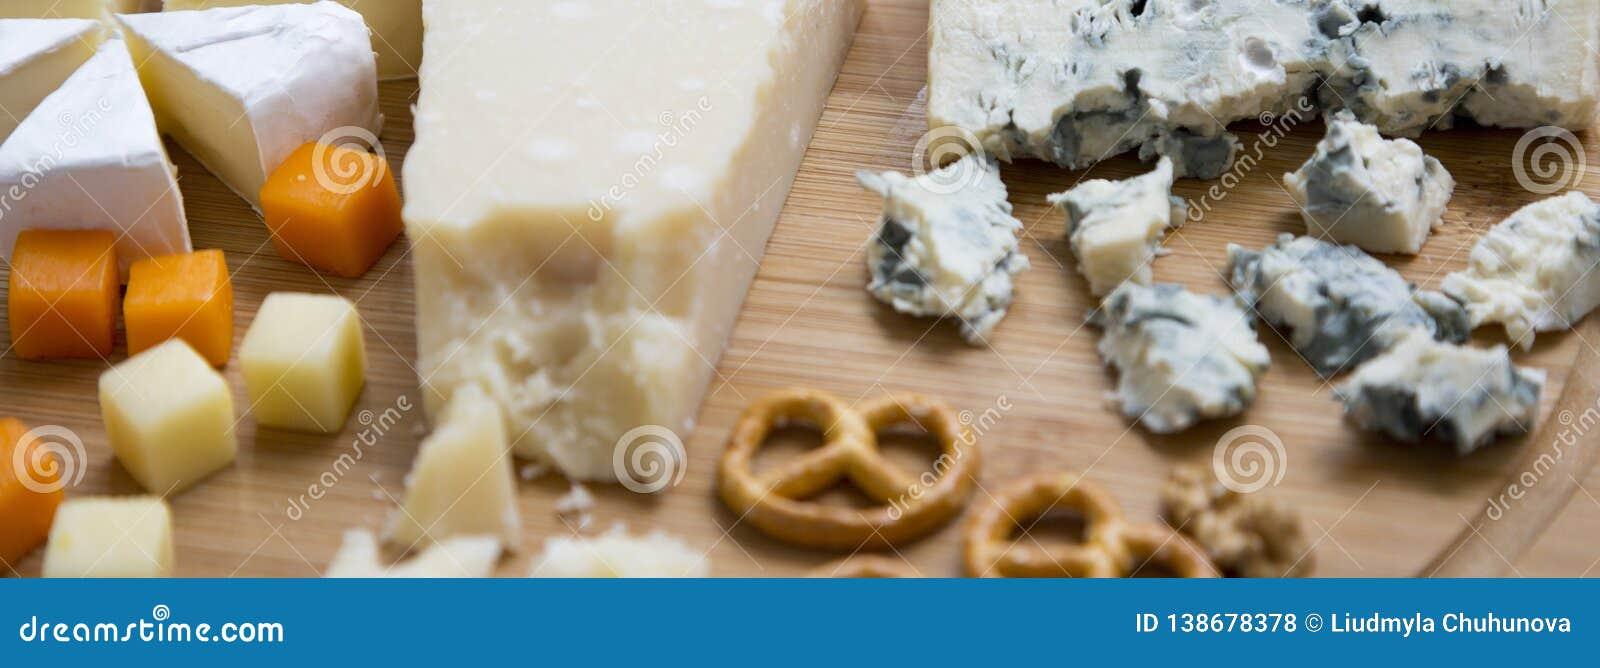 Smaka ostar: camembert, ädelost, brie, parmesan, mimolette och edam med kringlor och valnötter på runt bambubräde Mat